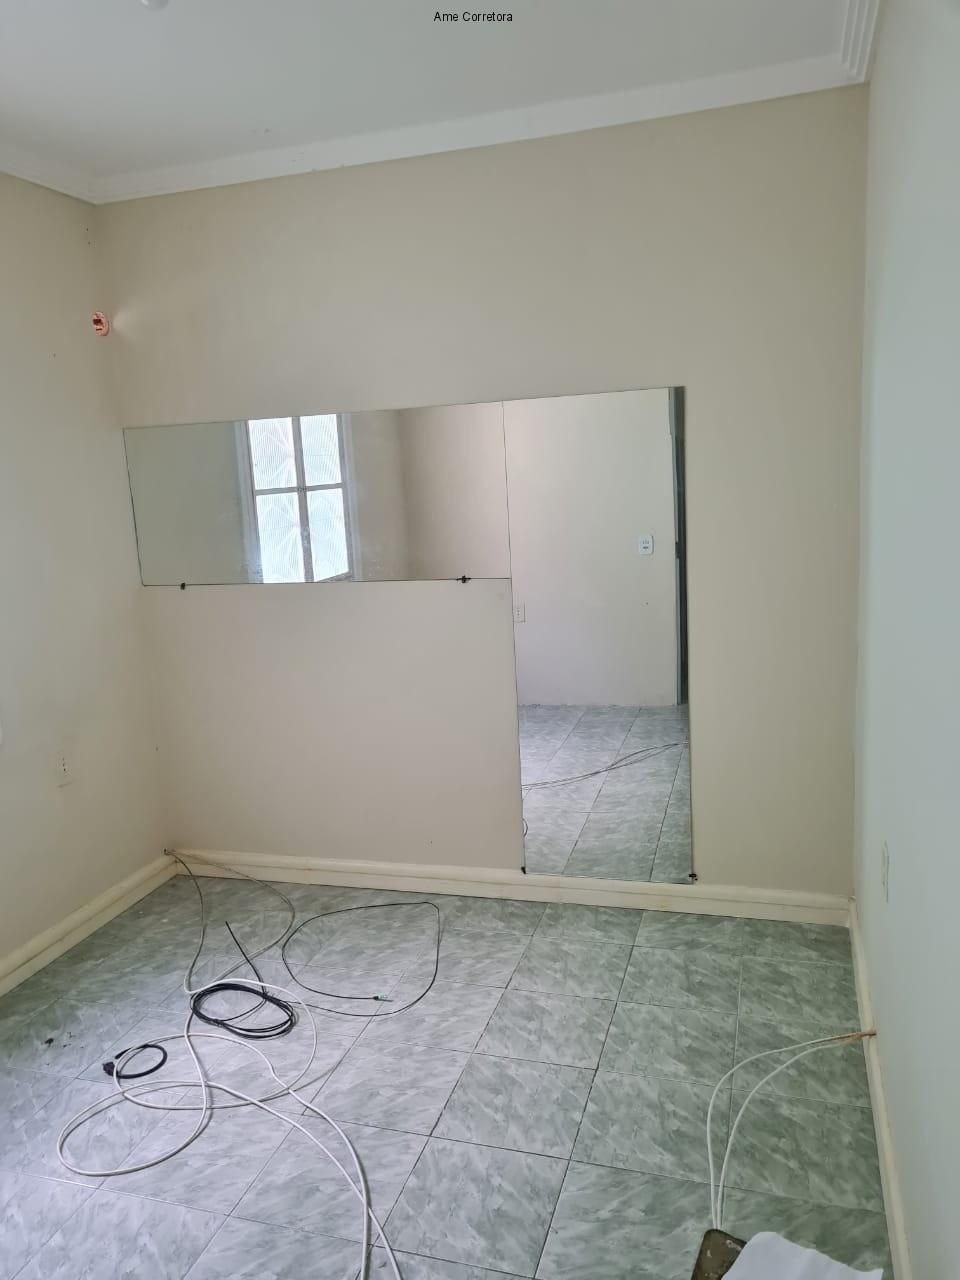 FOTO 13 - Apartamento 2 quartos para venda e aluguel Santíssimo, Rio de Janeiro - R$ 1.000 - AP00464 - 14